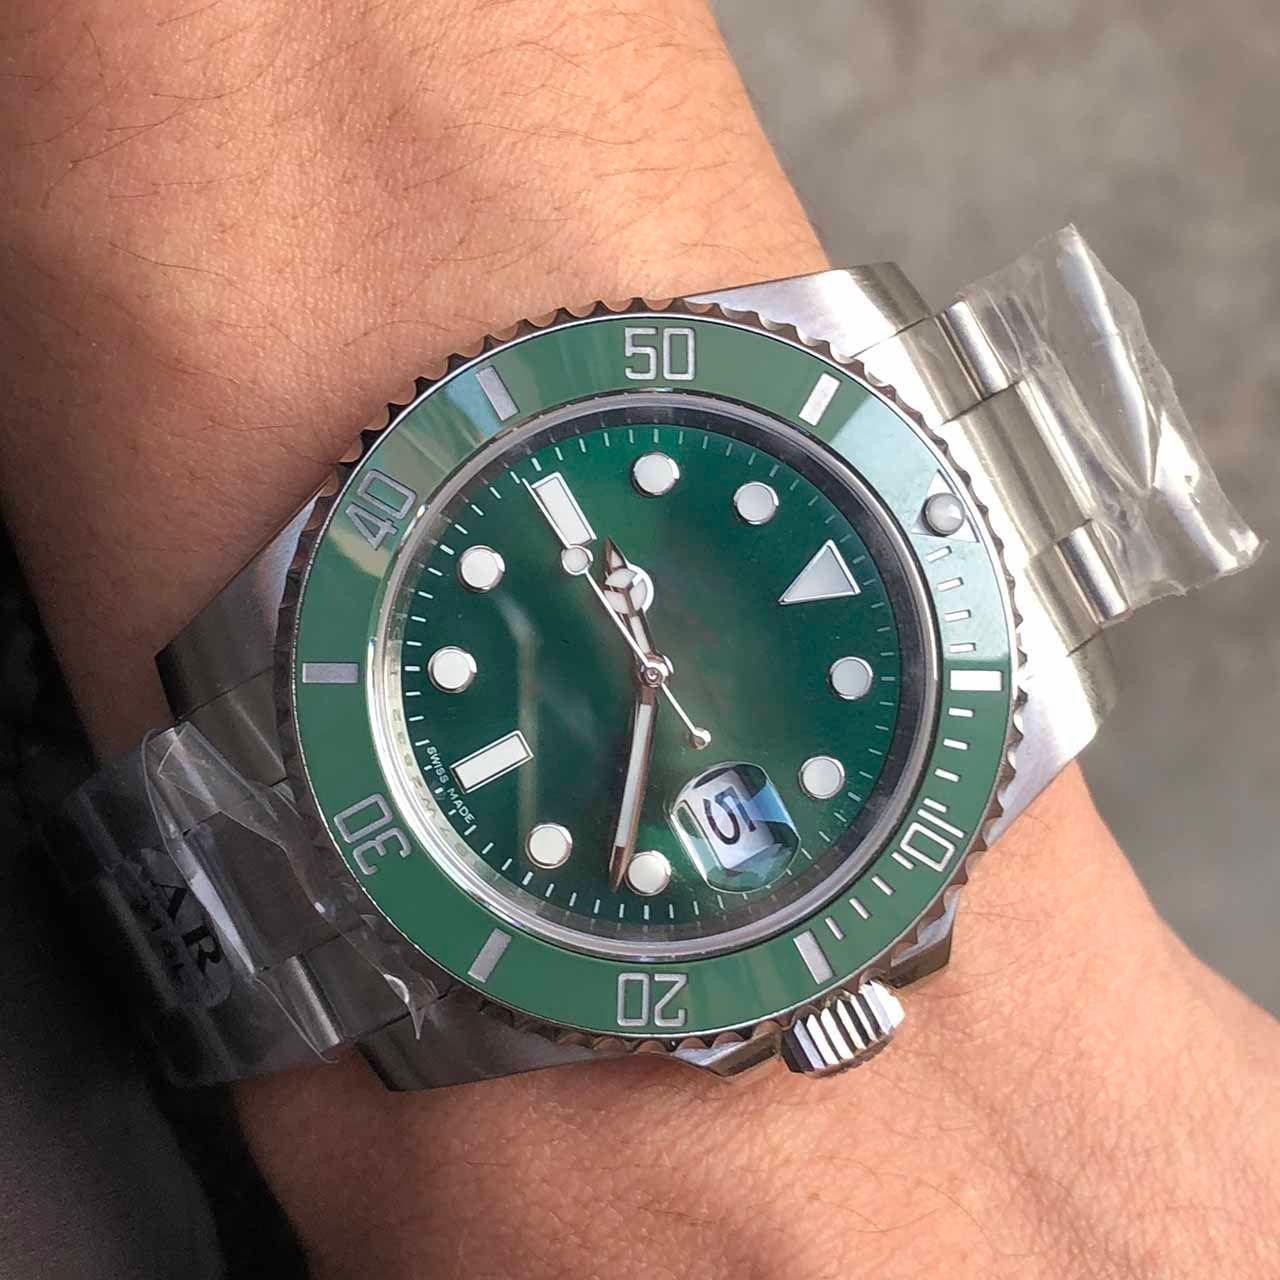 AR Fabrik Beste Qualität Uhren 2813 Automatische grüne Zifferblatt Keramik Lünette Herrenuhr 316l Edelstahl Besteuhren